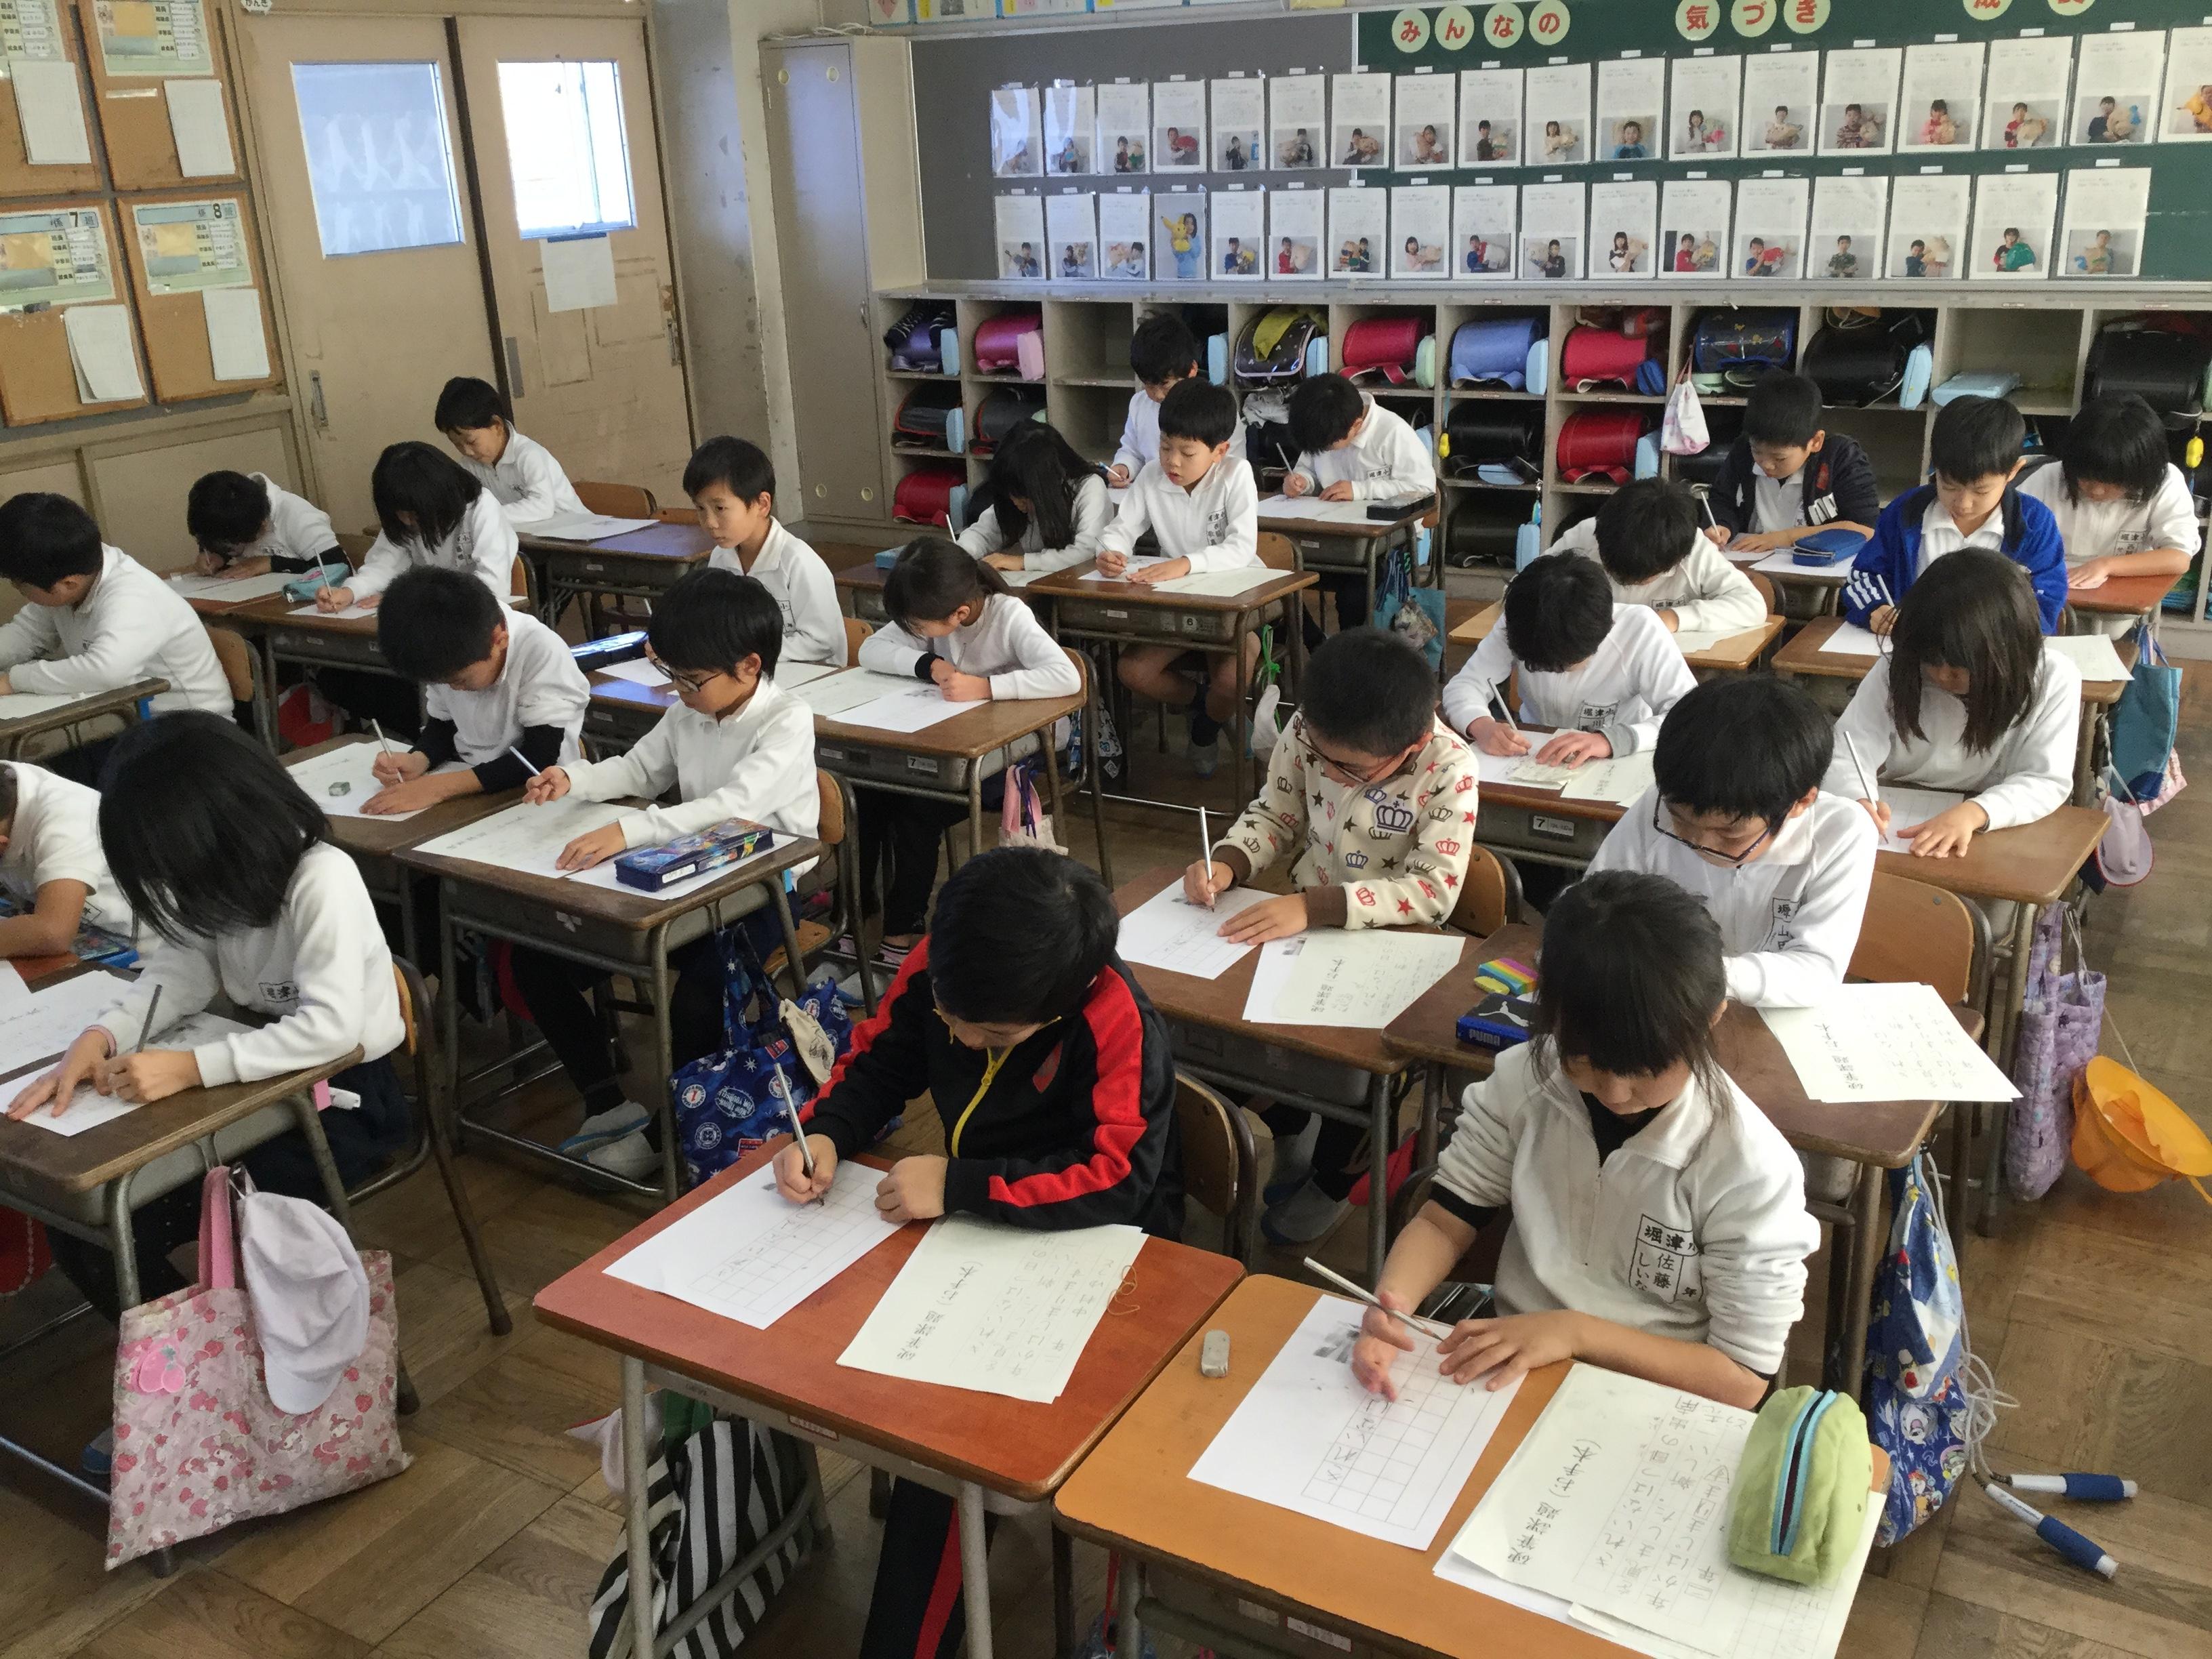 書き初め会 - 堀津小BLOG | 羽島市立堀津小学校